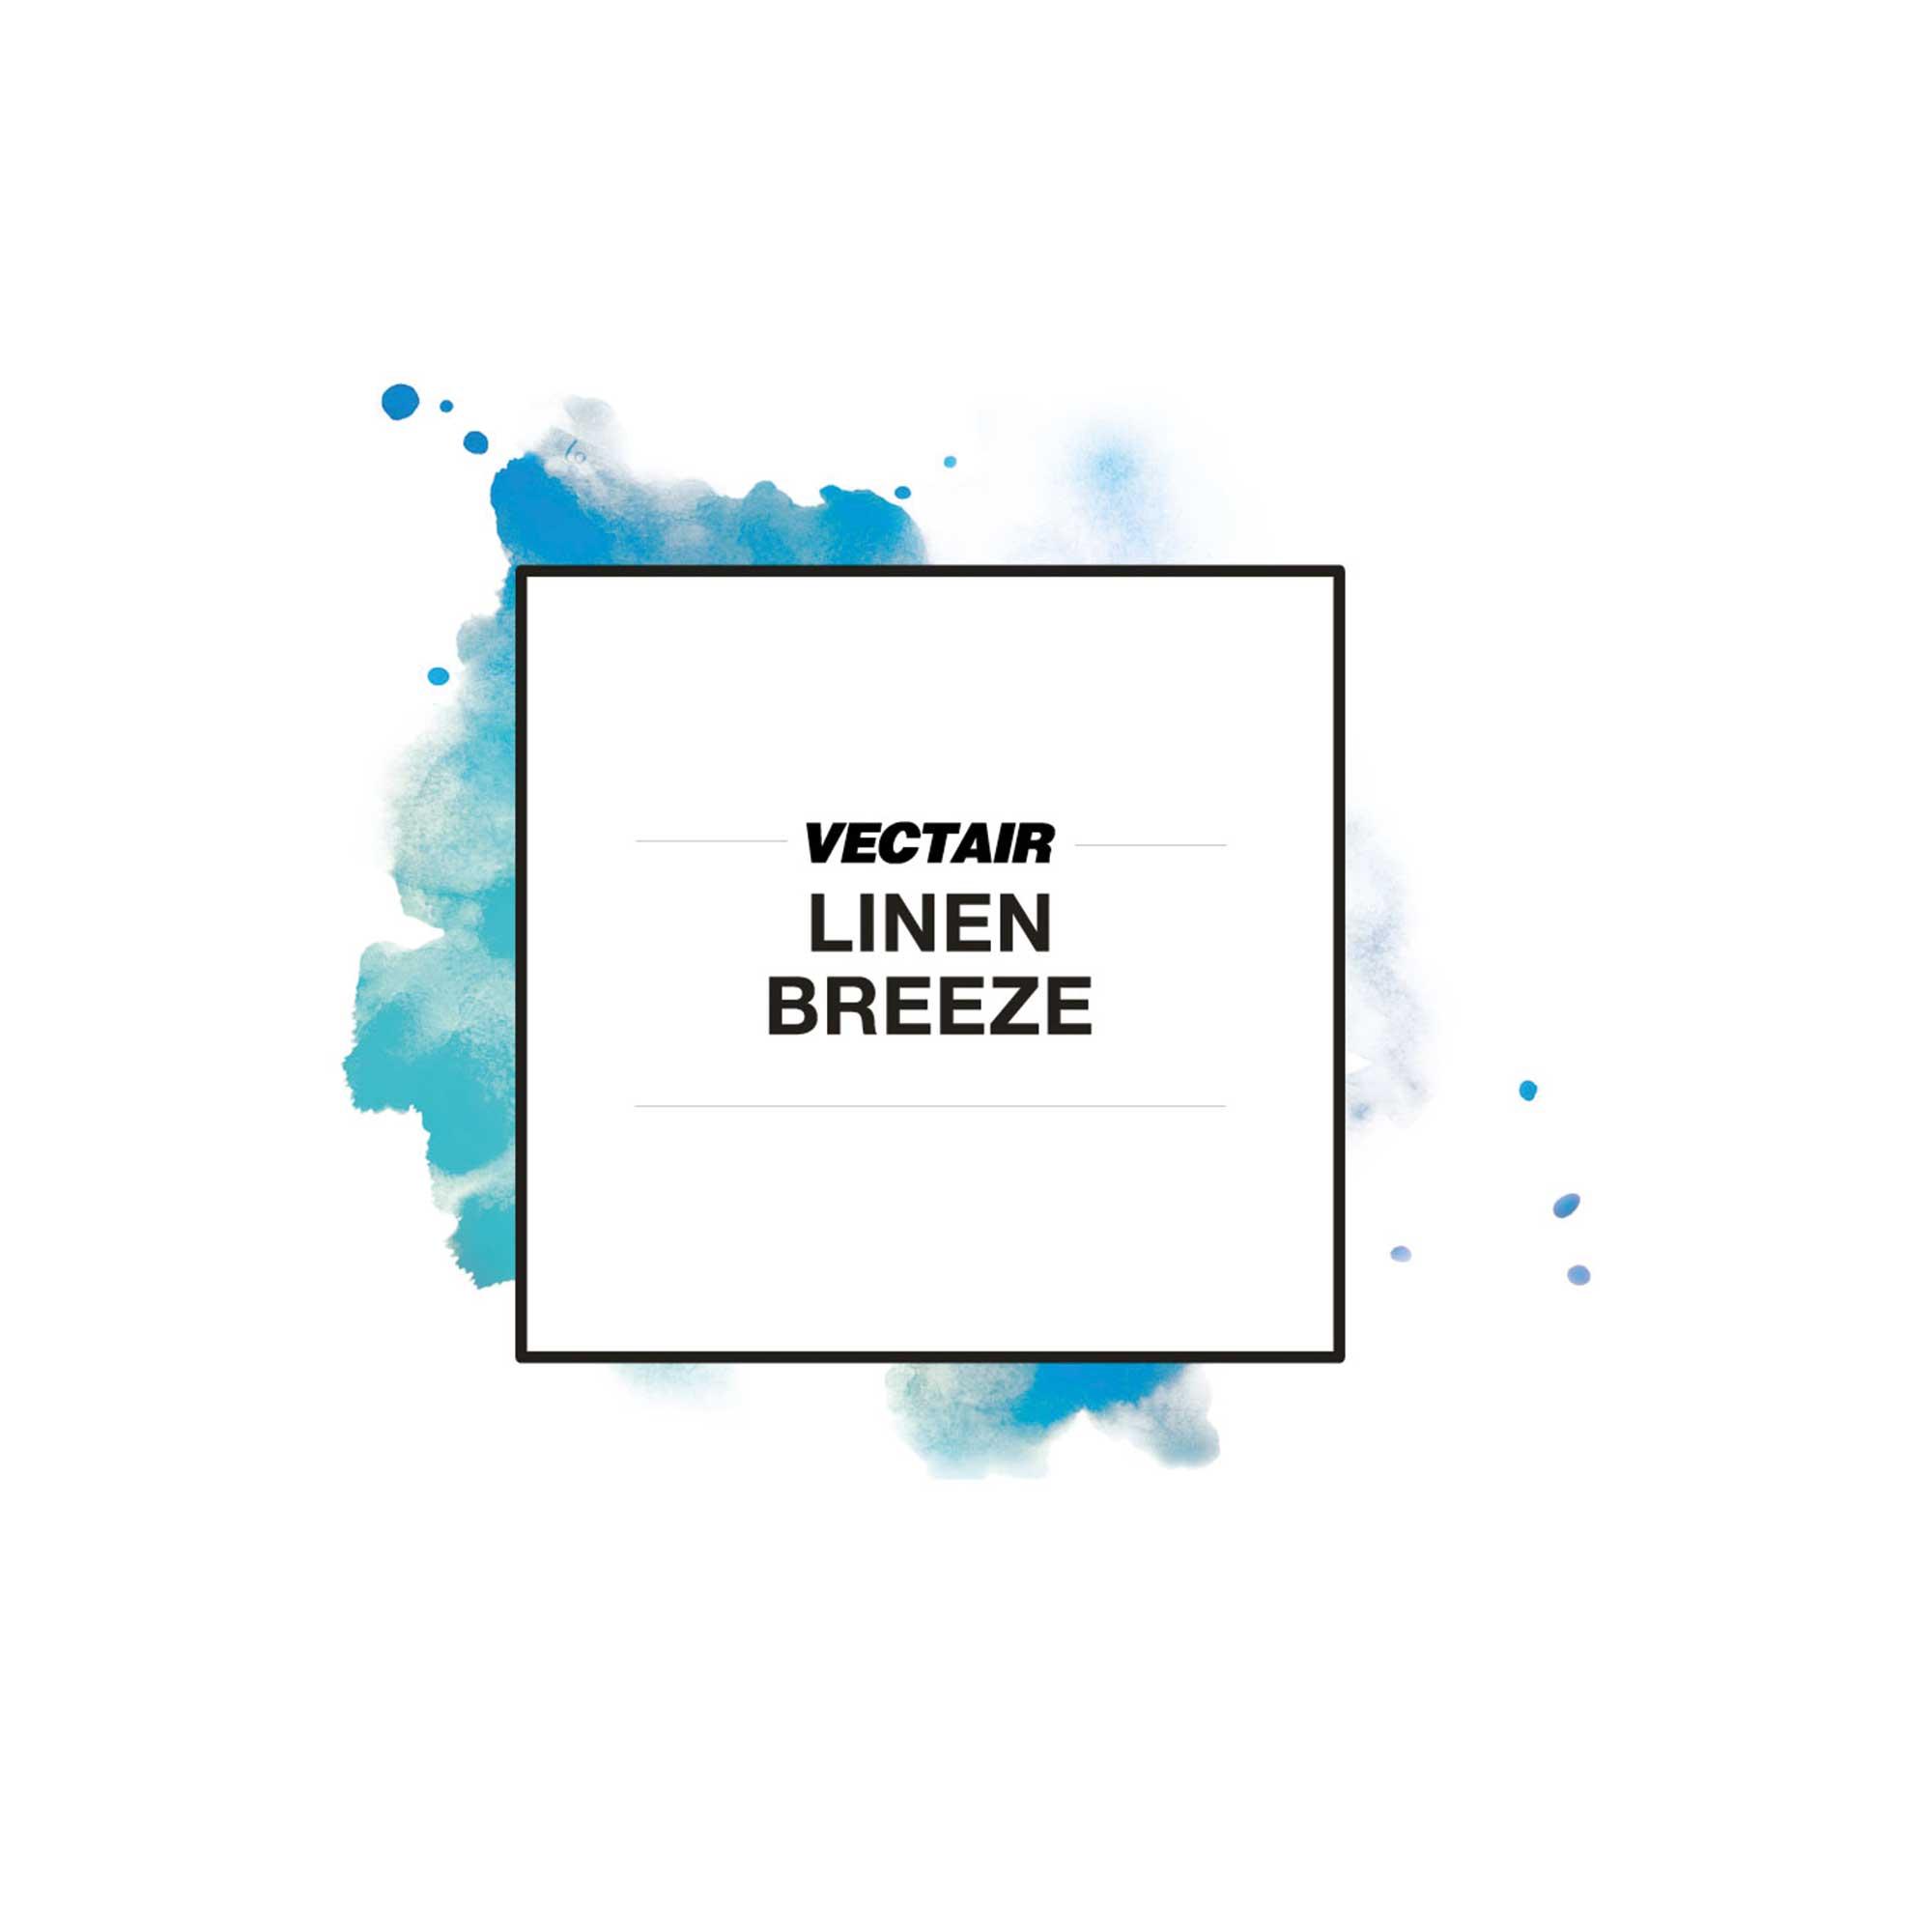 Linen Breeze